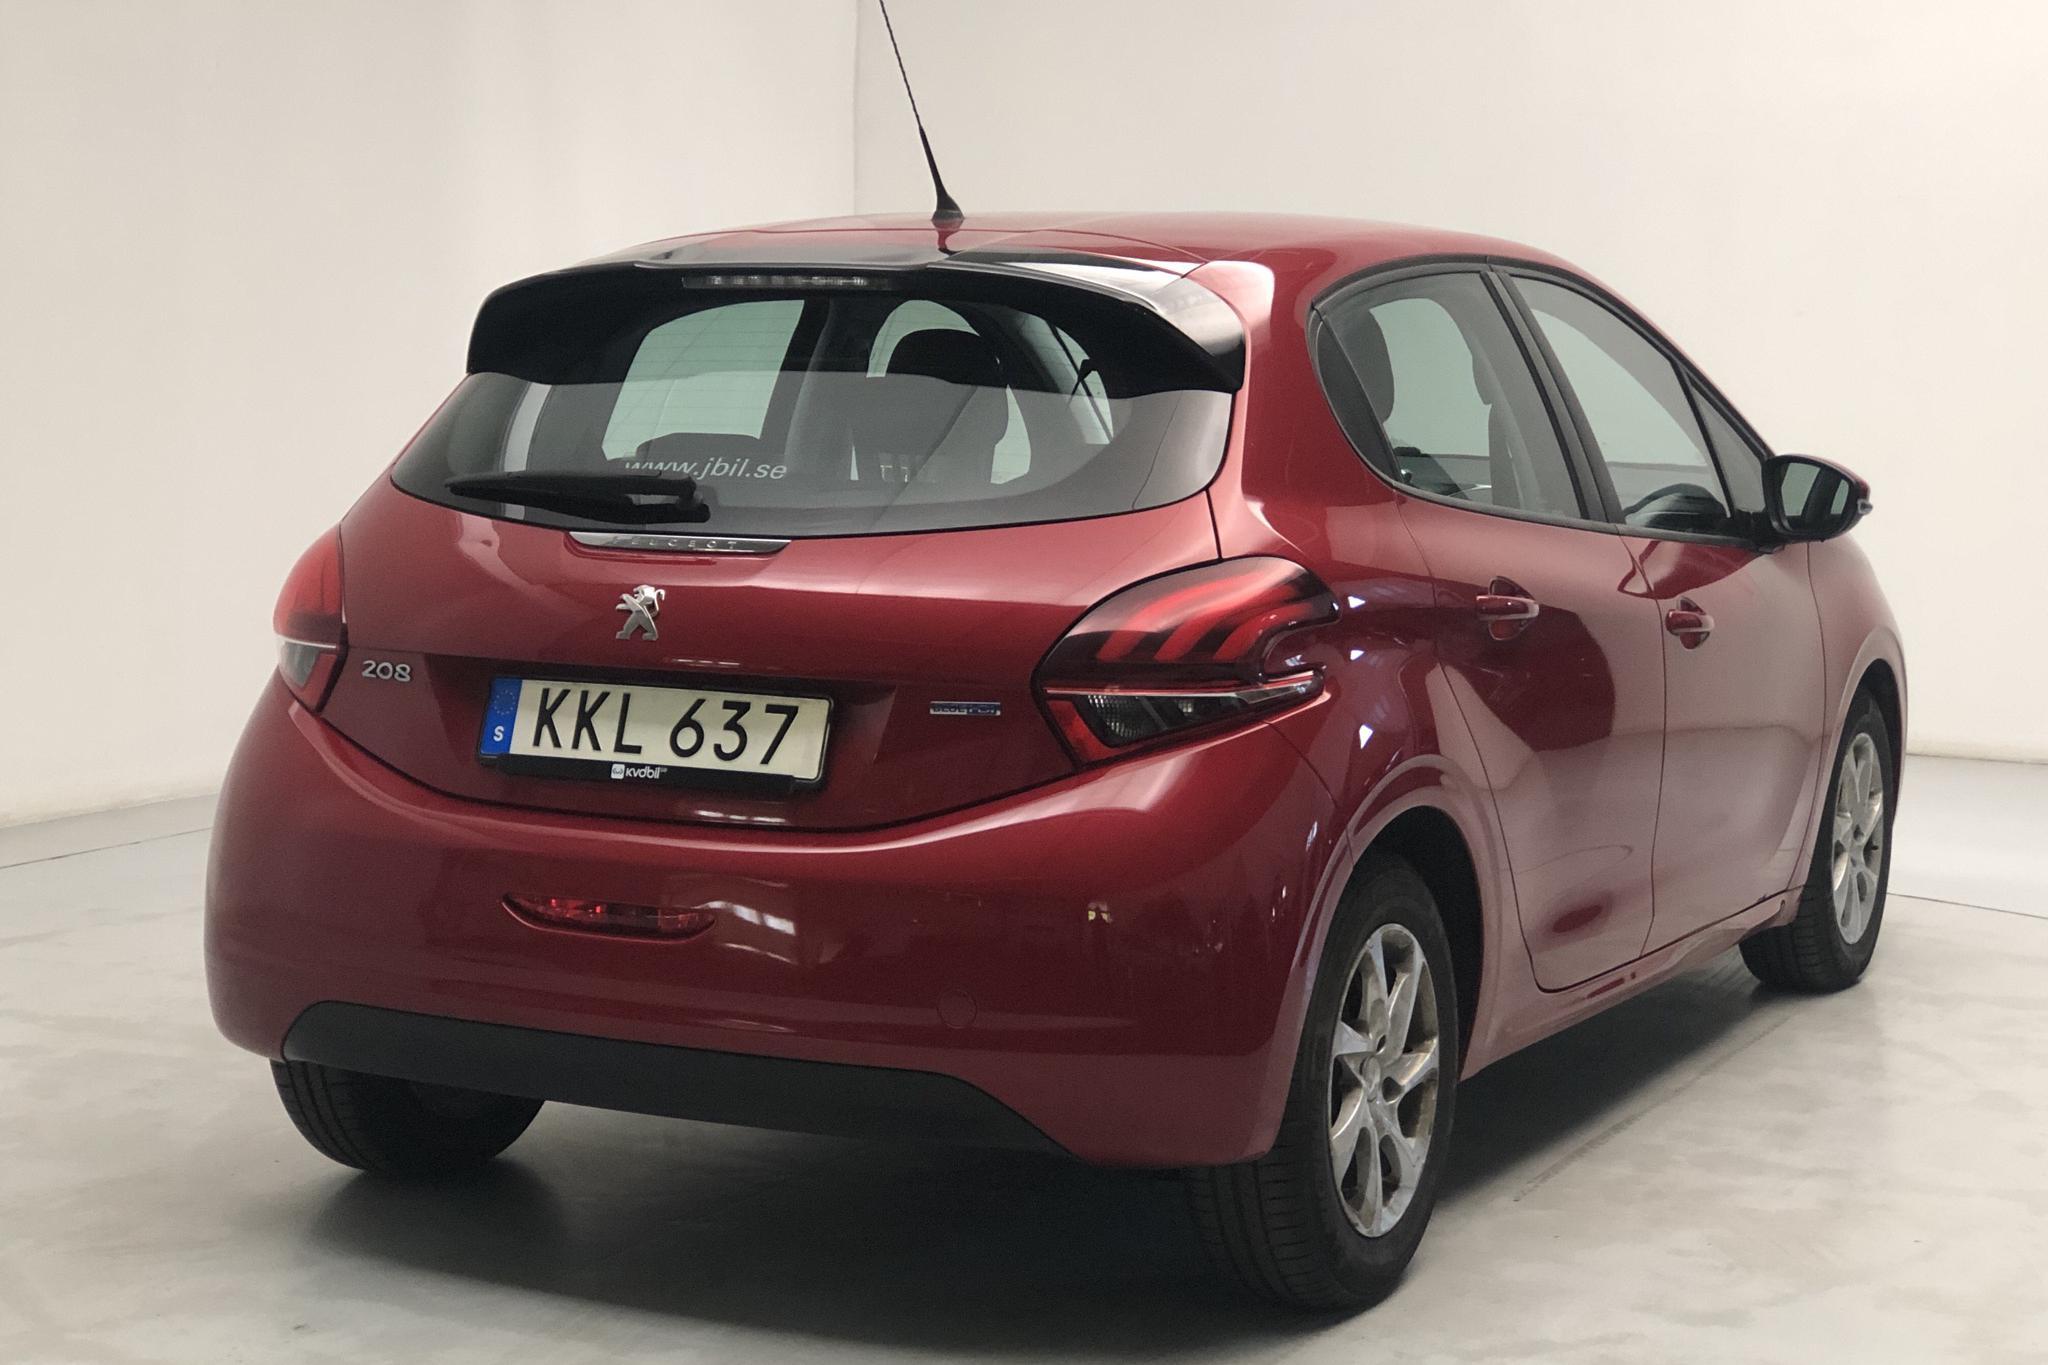 Peugeot 208 BlueHDi 5dr (100hk) - 43 980 km - Manual - Dark Red - 2016